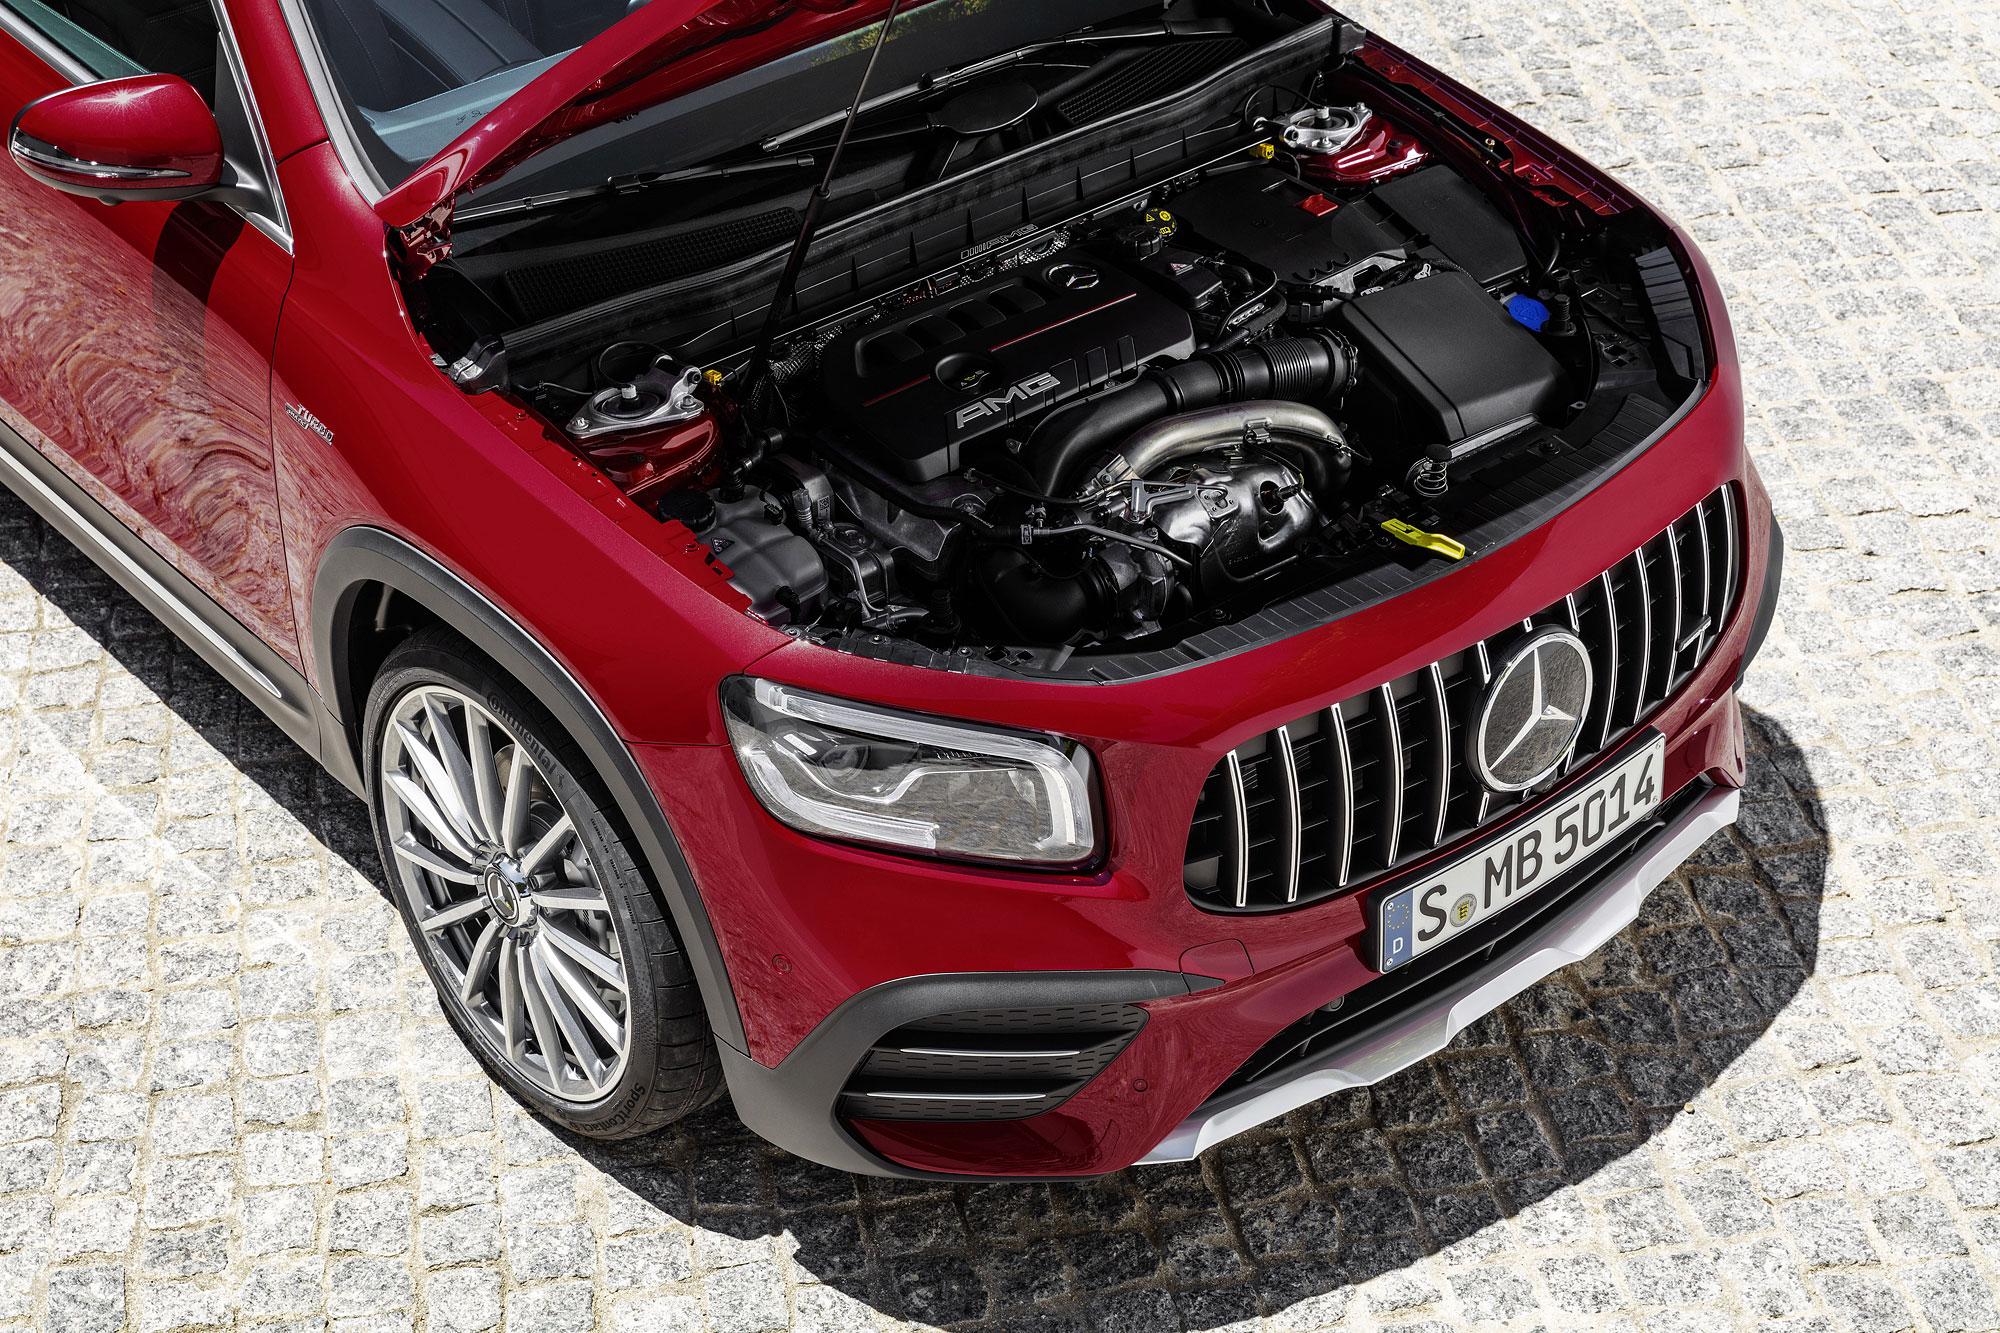 2.0 升渦輪增壓引擎具有 306 匹馬力、 40.8 公斤米扭力的最大輸出。